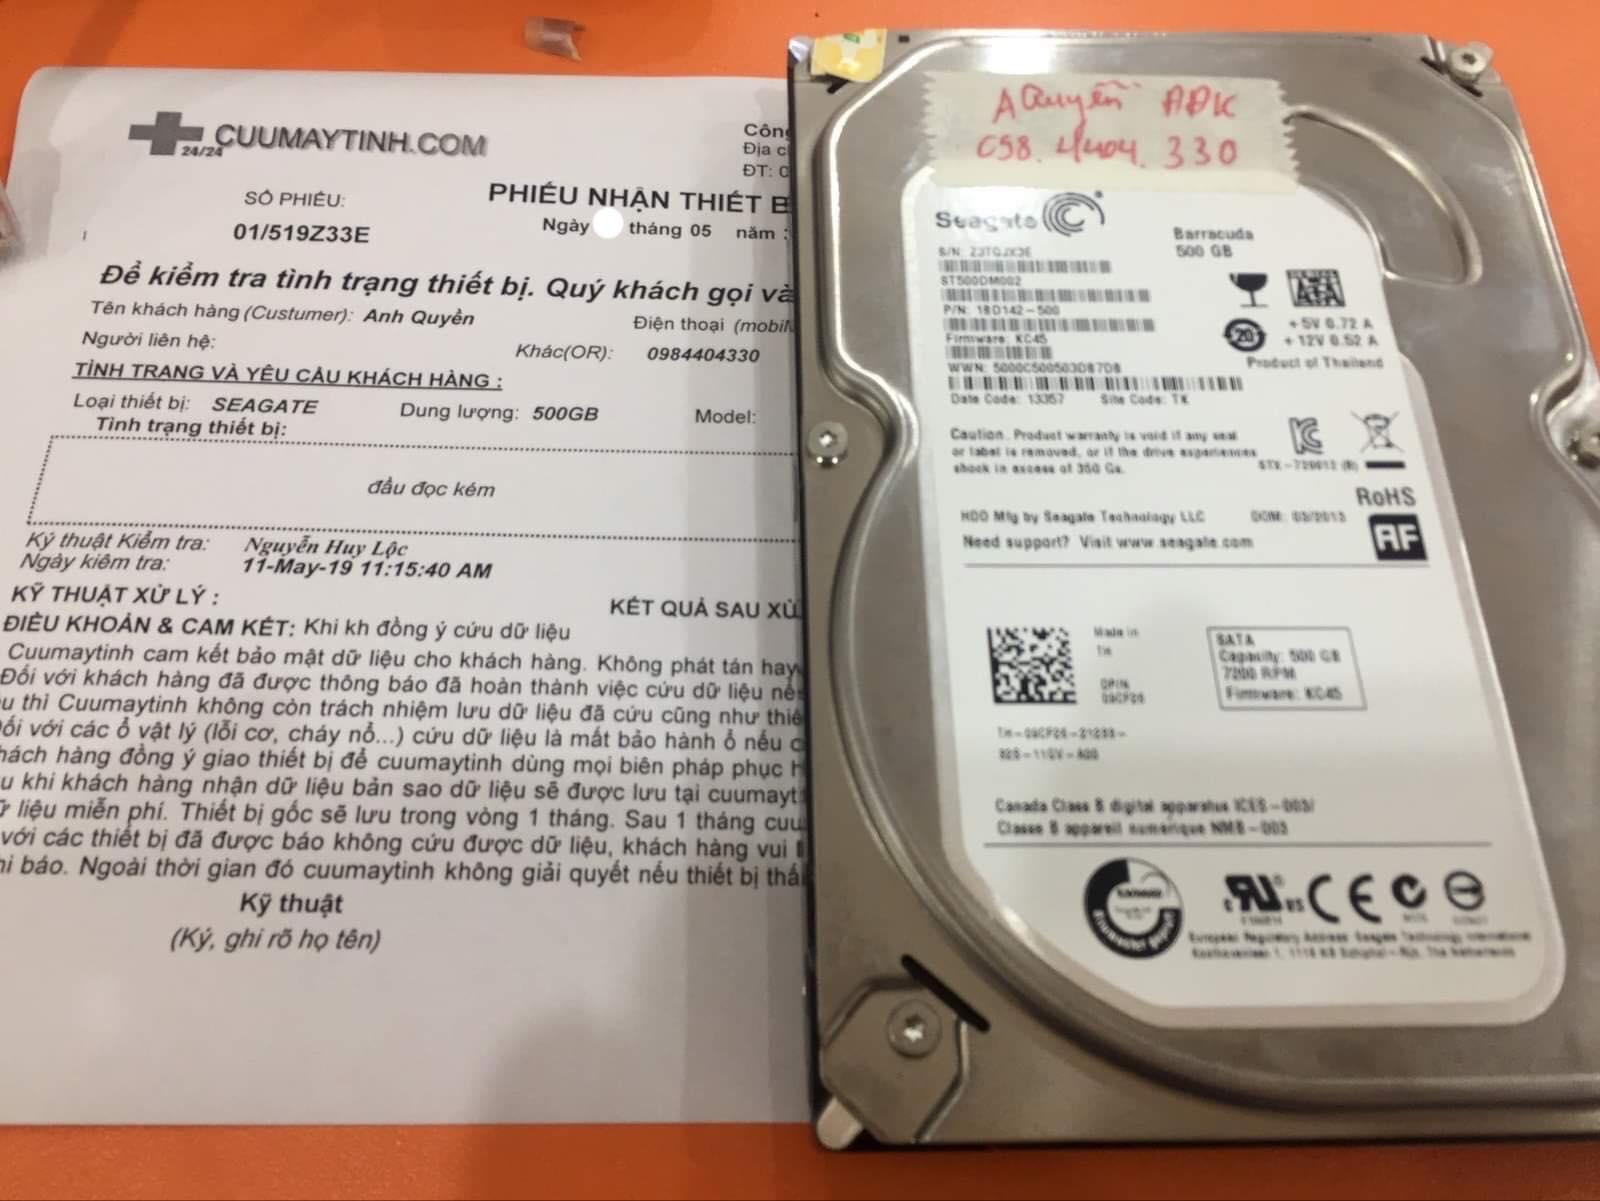 Cứu dữ liệu ổ cứng Seagate 500GB đầu đọc kém 13/05/2019 - cuumaytinh